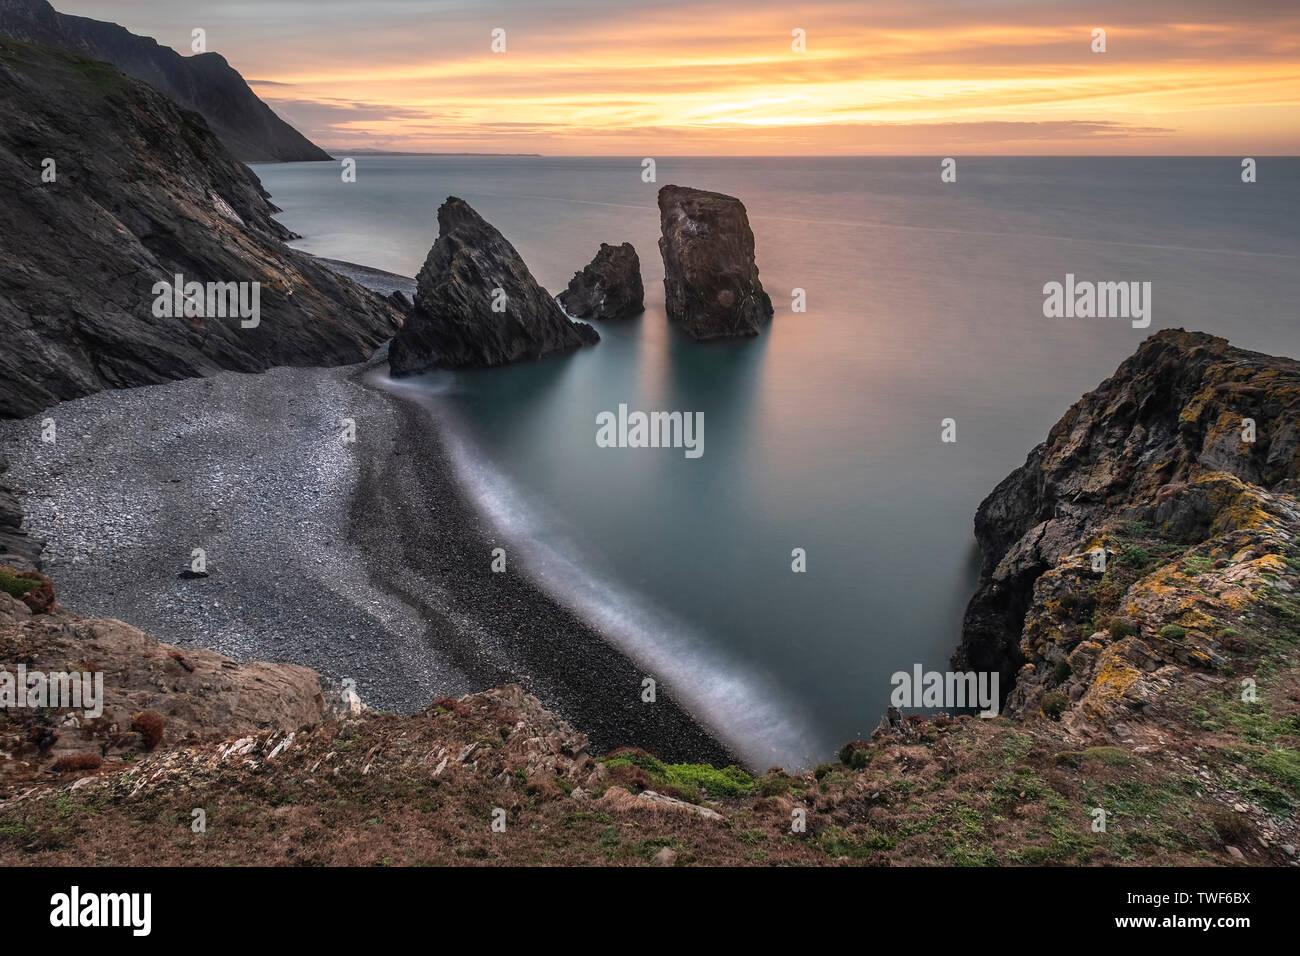 Trefor rock pinnacle at sunset. - Stock Image